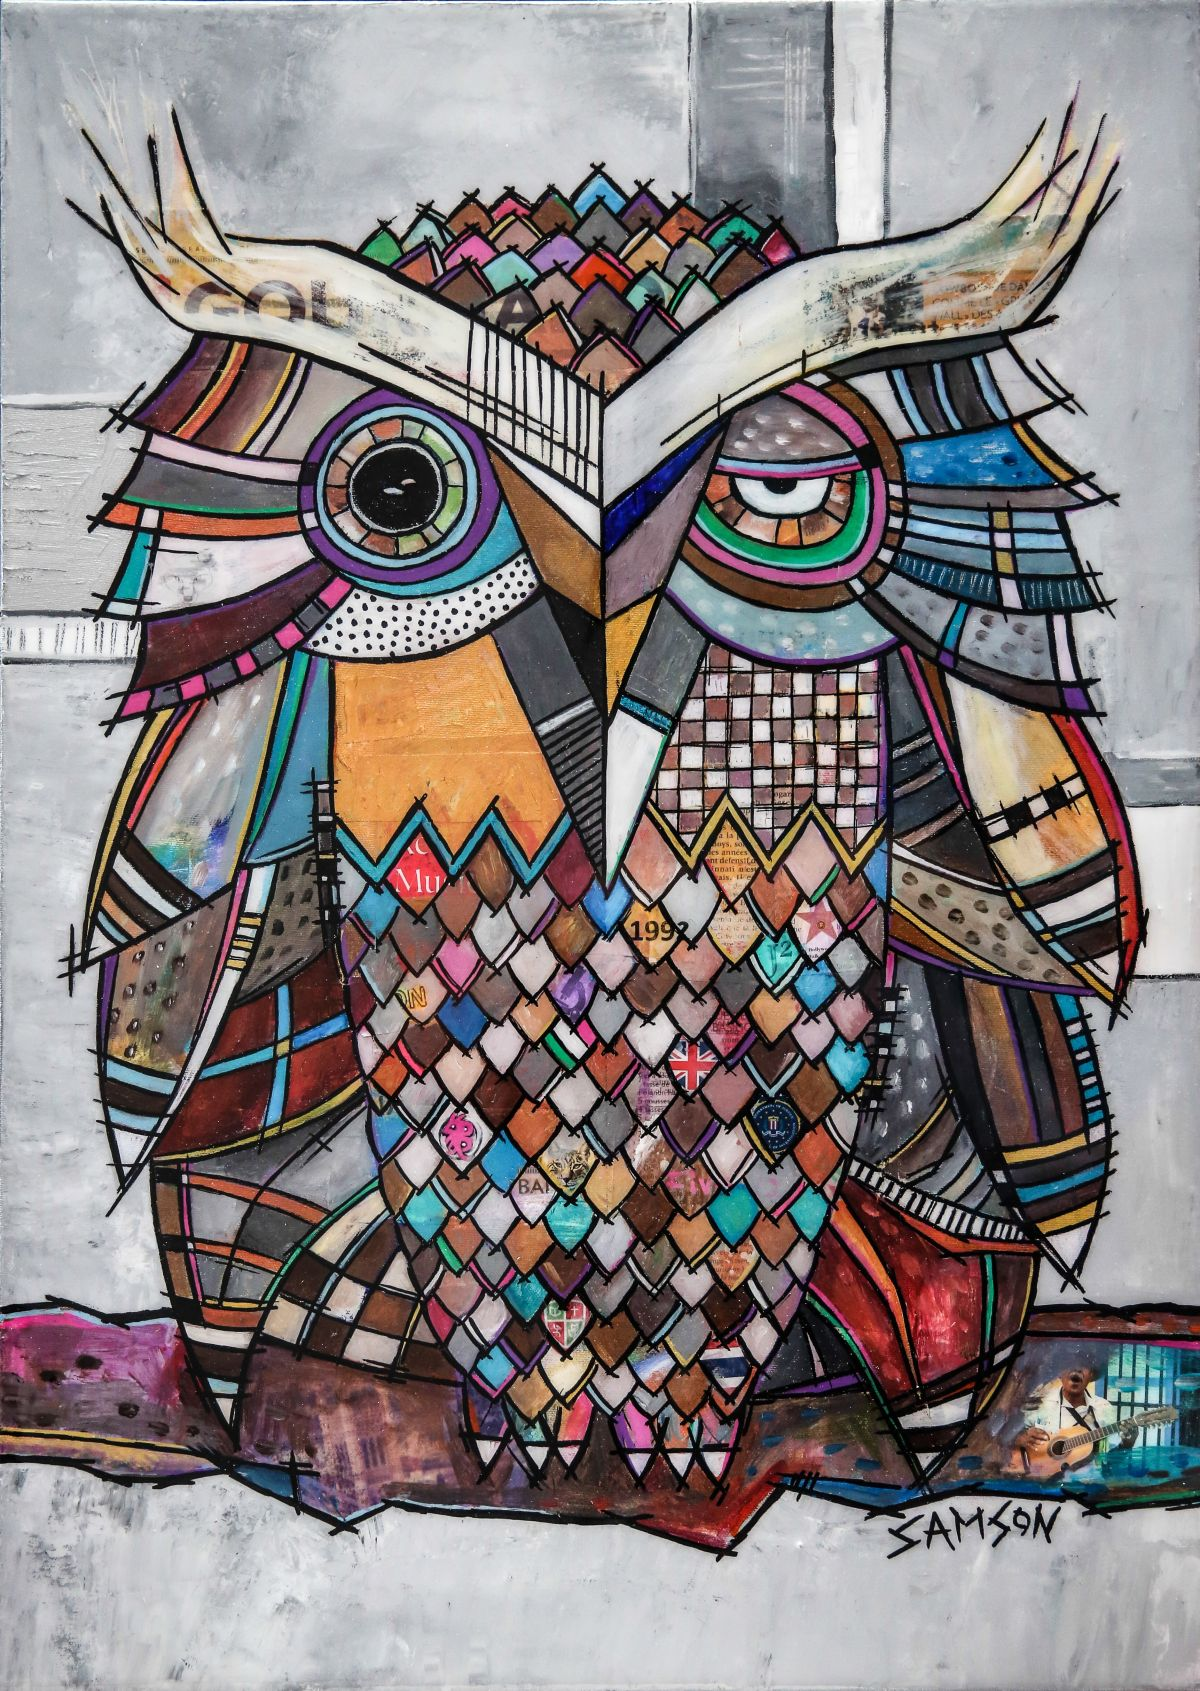 Bien-aimé Owl Art: Paintings & Artwork on canvas by Marc Samson. OA13